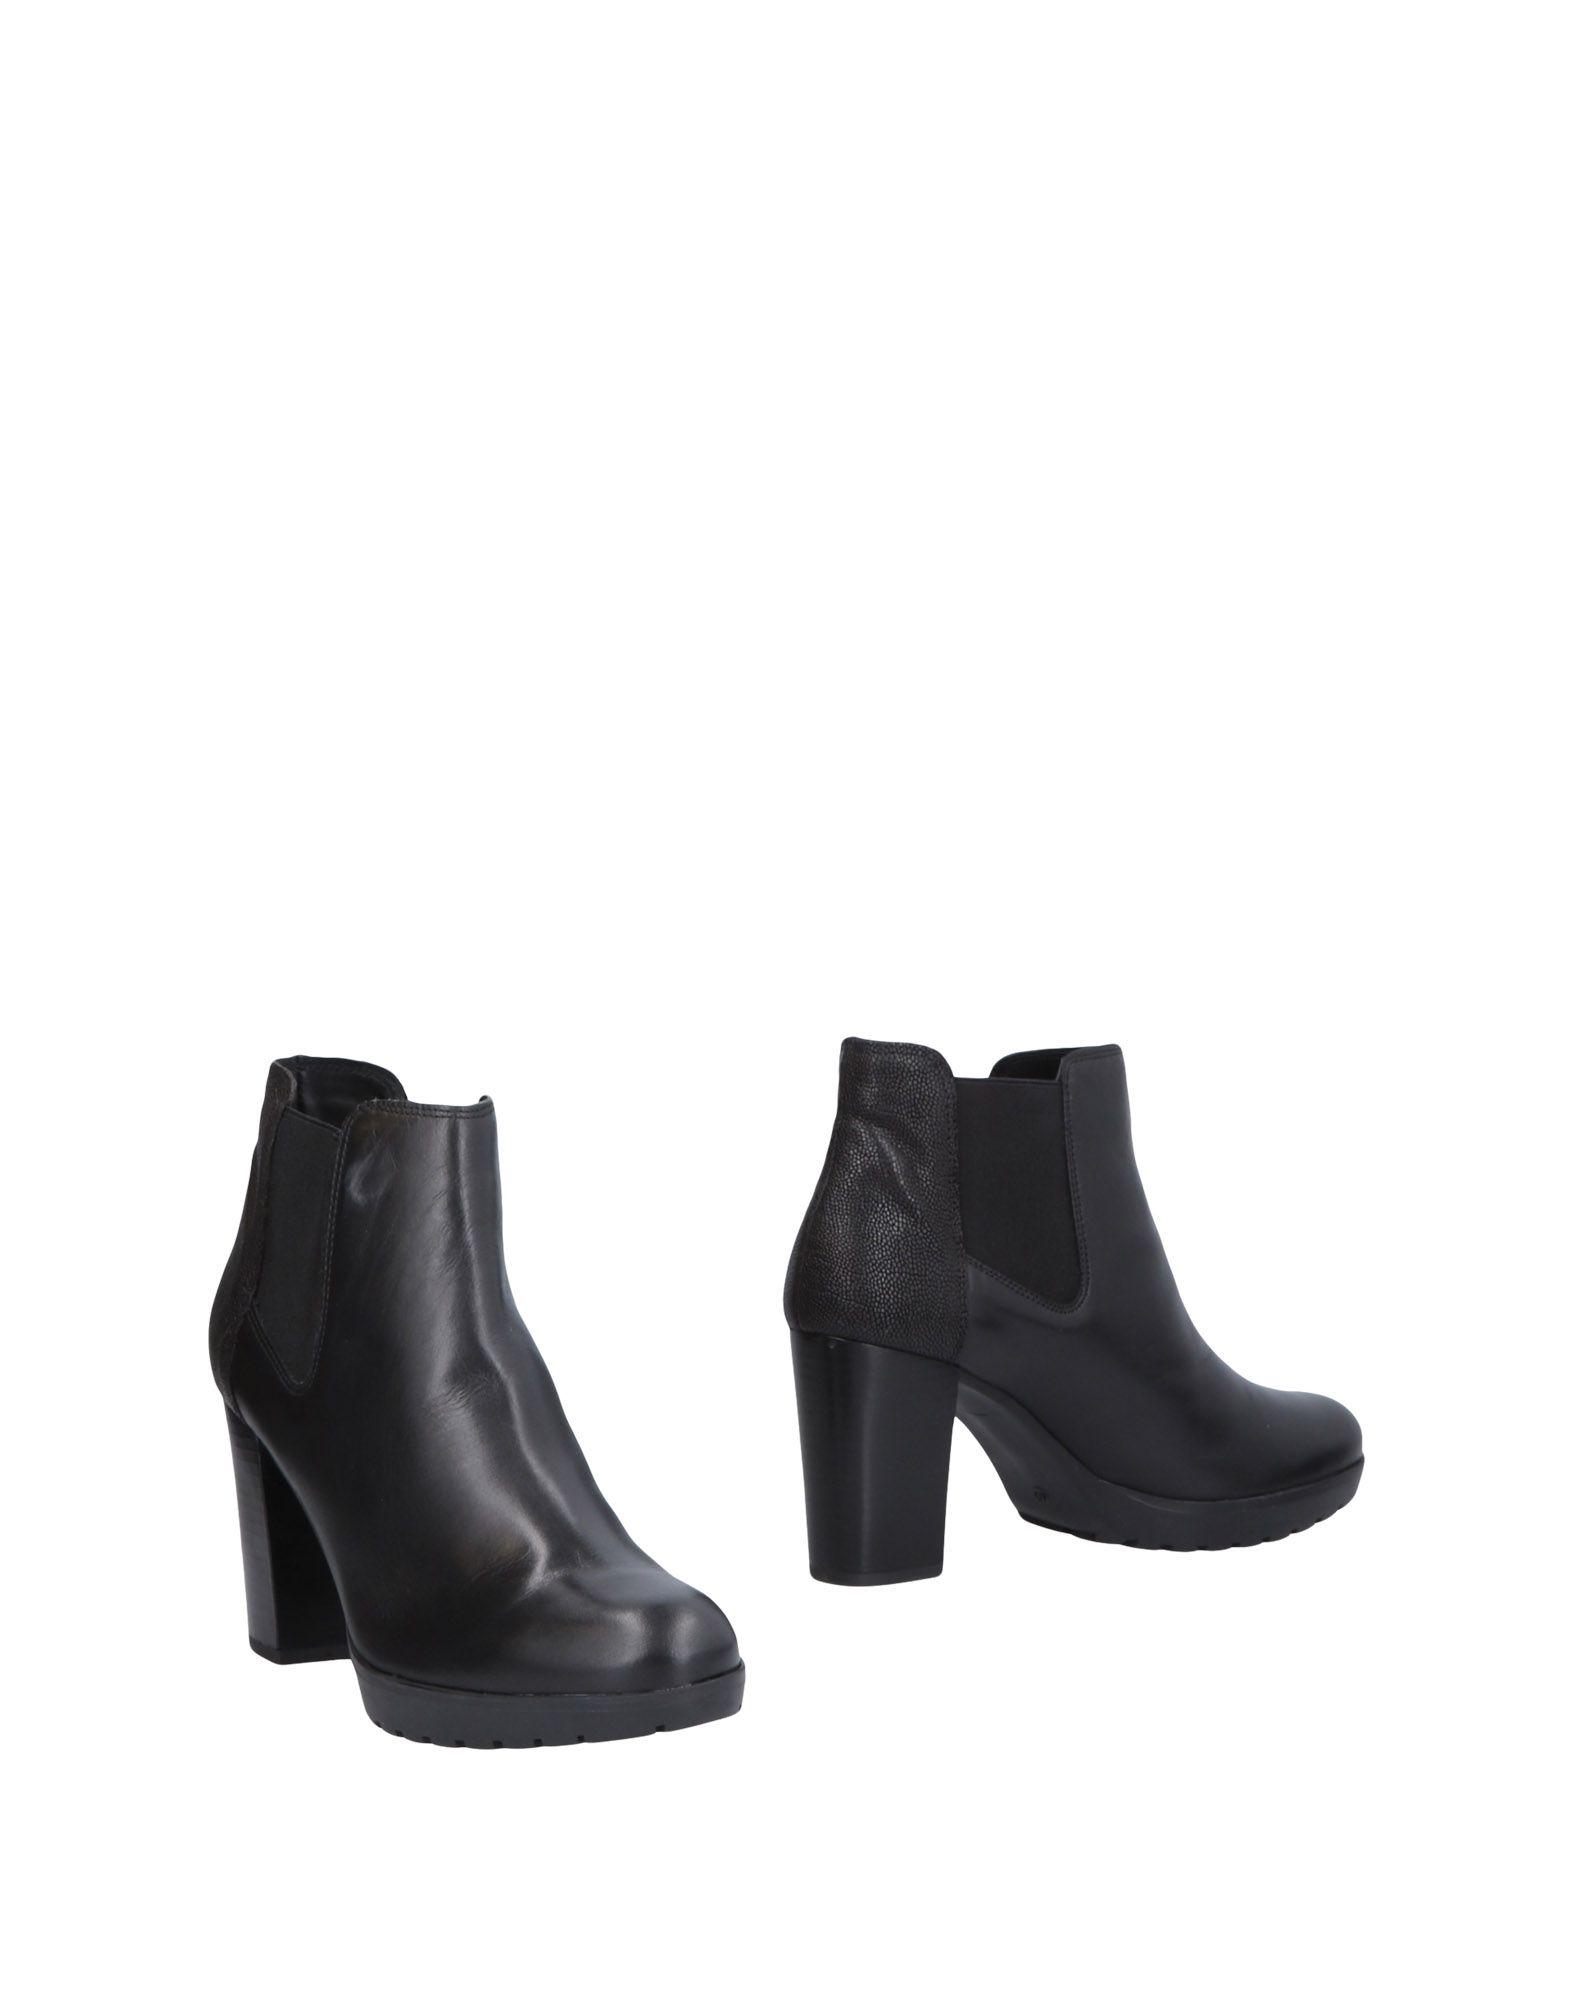 Novelty Chelsea Stiefel Damen Gutes 4002 Preis-Leistungs-Verhältnis, es lohnt sich 4002 Gutes 29b703